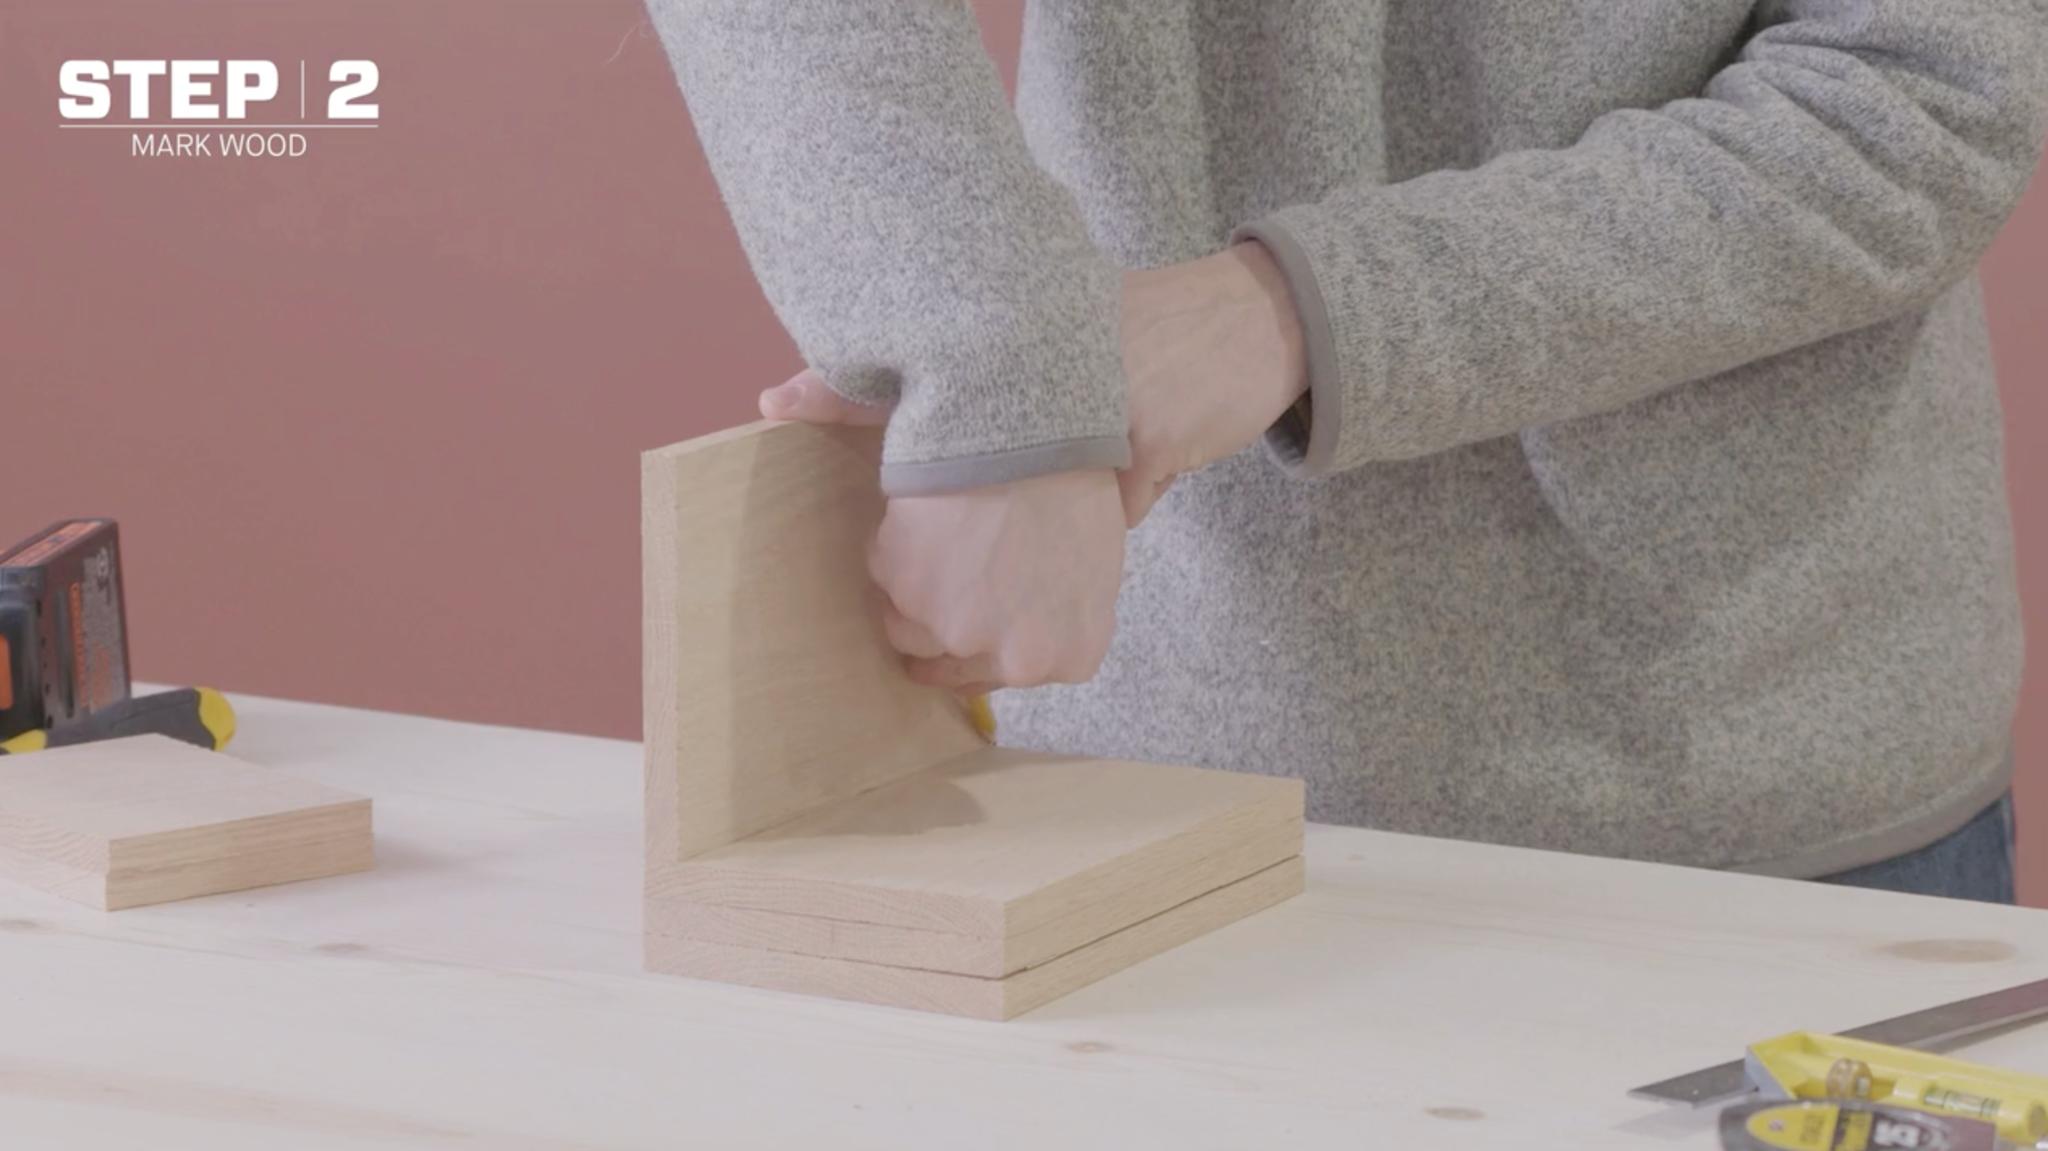 Mark wood for your DIY liquor dispenser